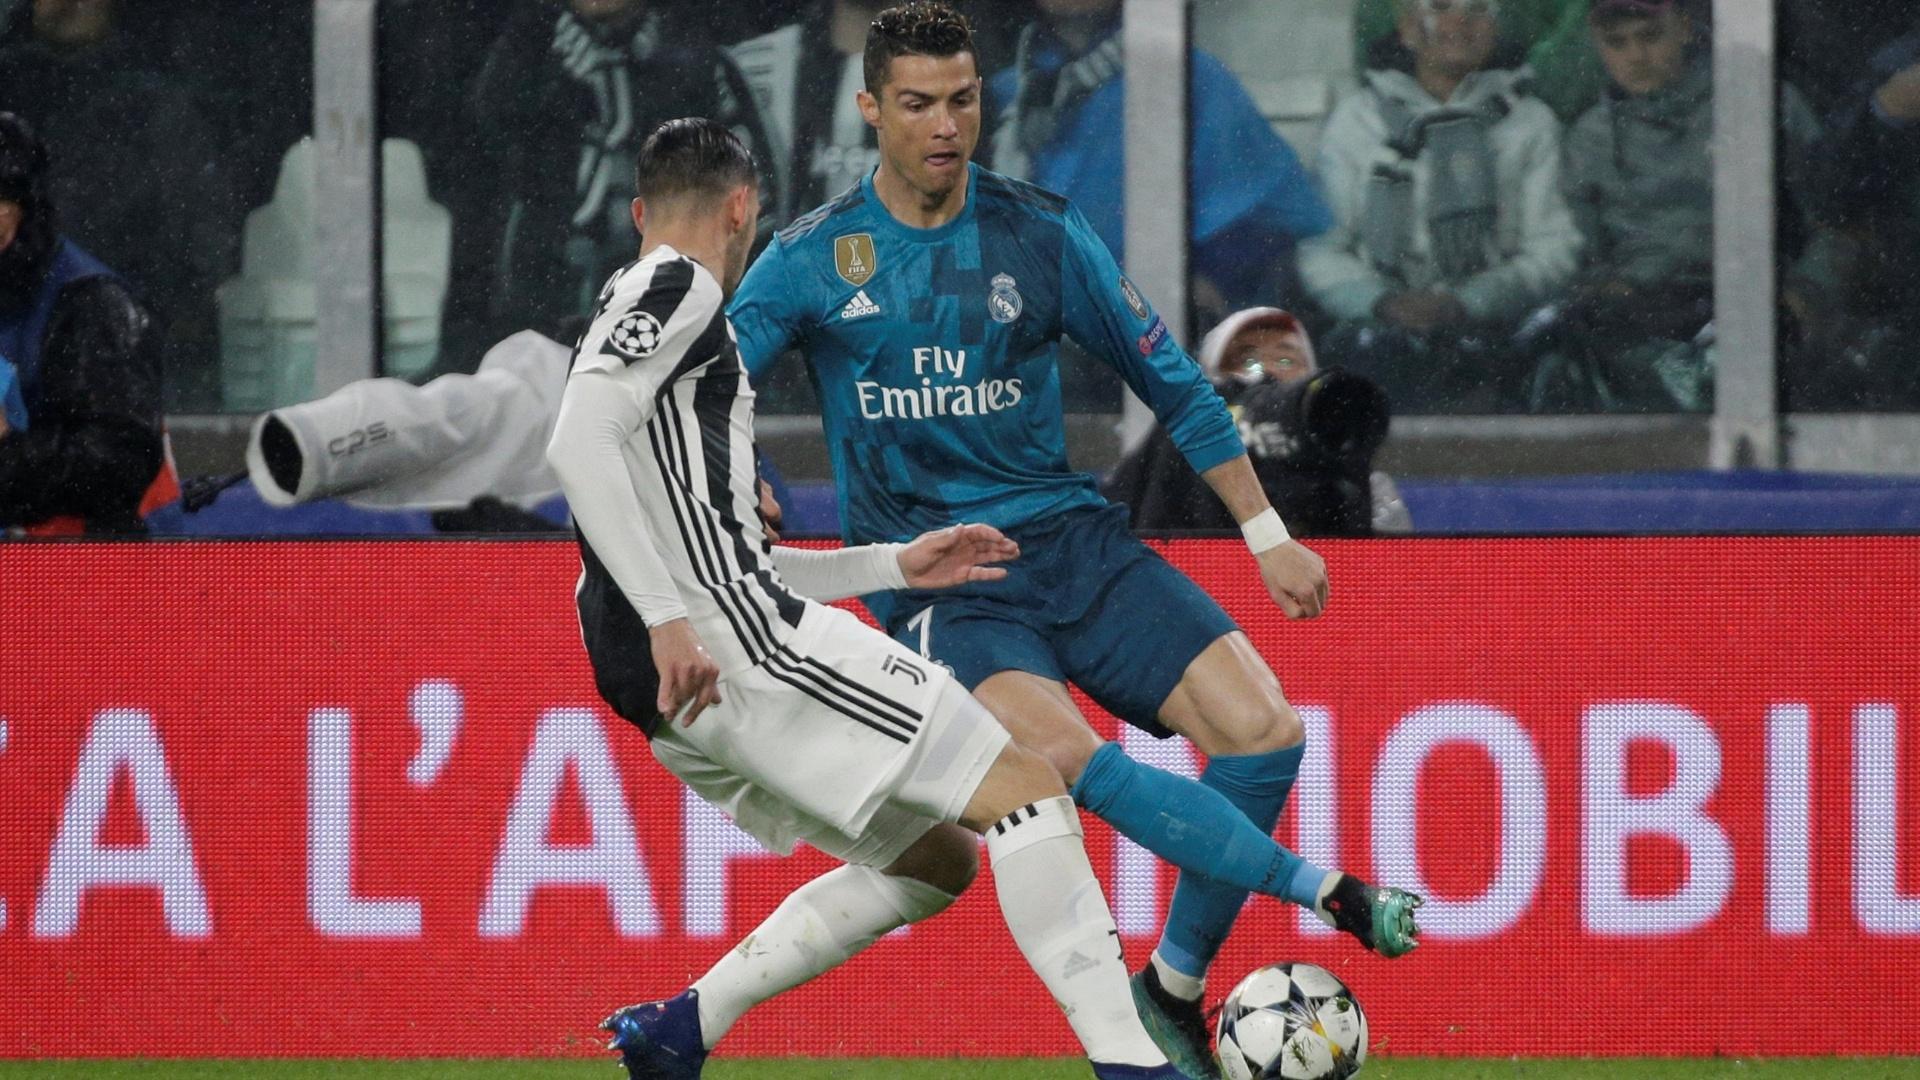 Cristiano Ronaldo em ação na partida entre Juventus e Real Madrid, pela Liga dos Campeões